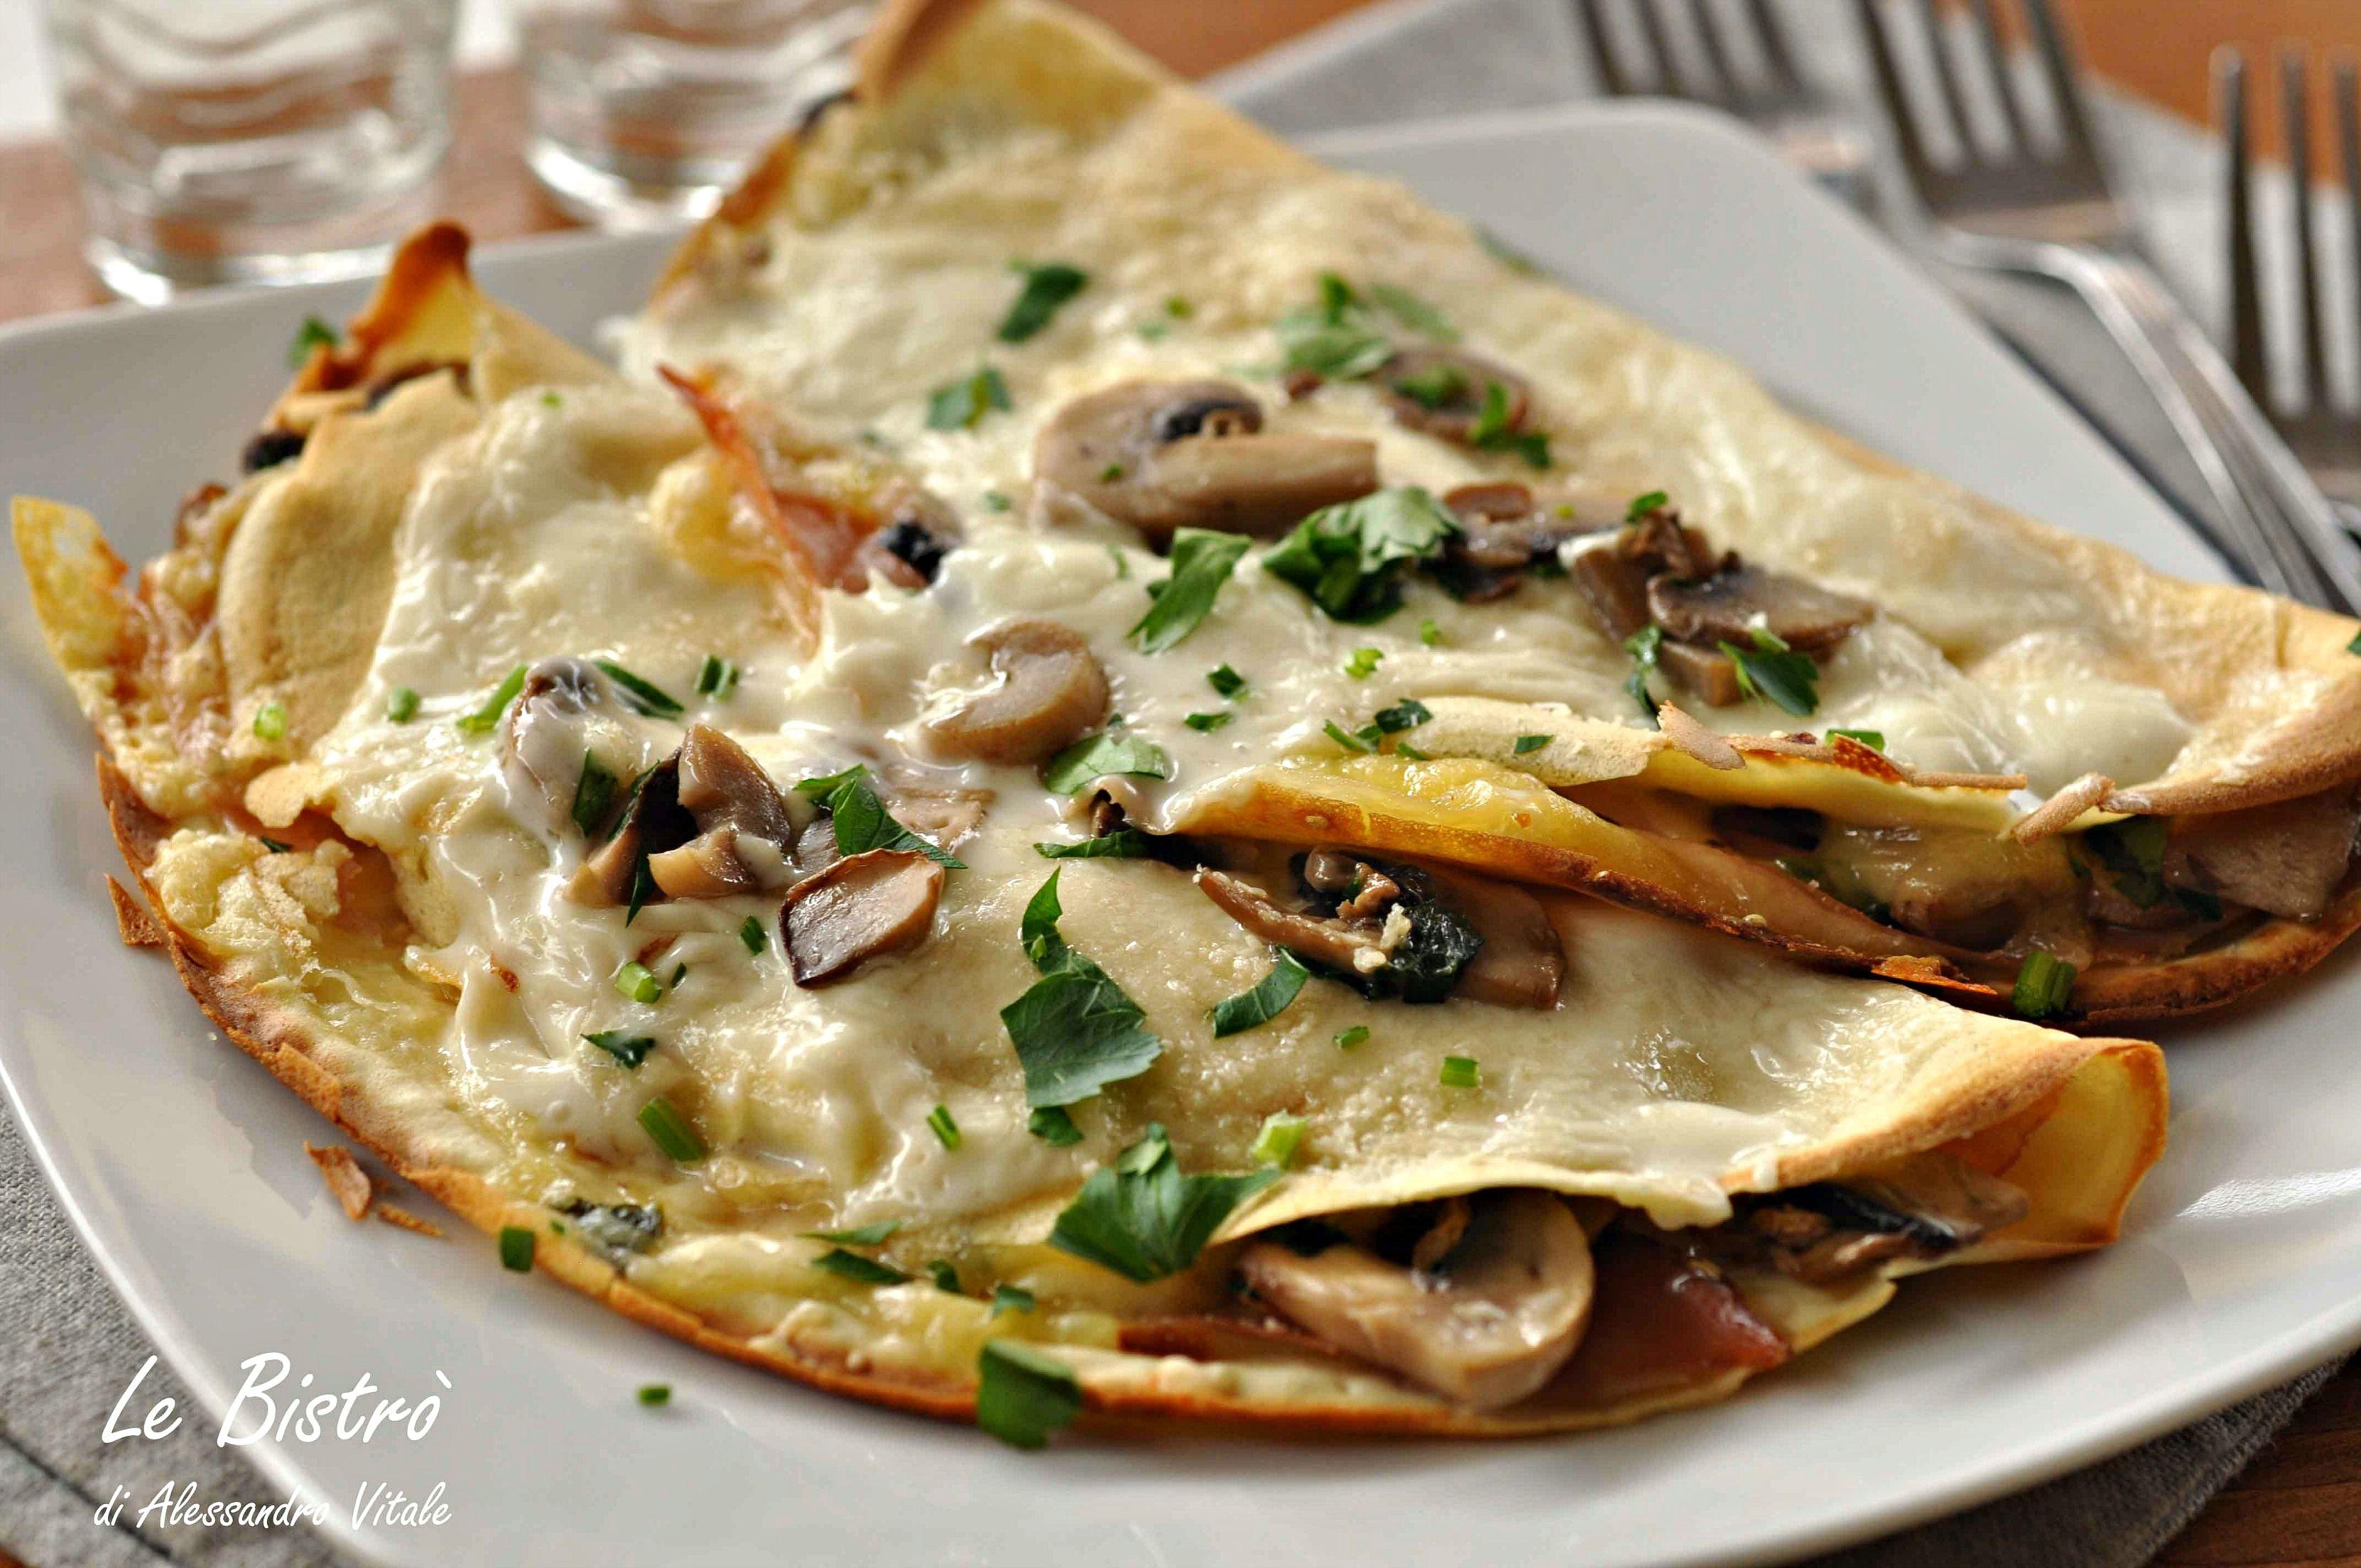 18fc2c052c06774b4ecae88b04d791da - Crepes Salate Ricette